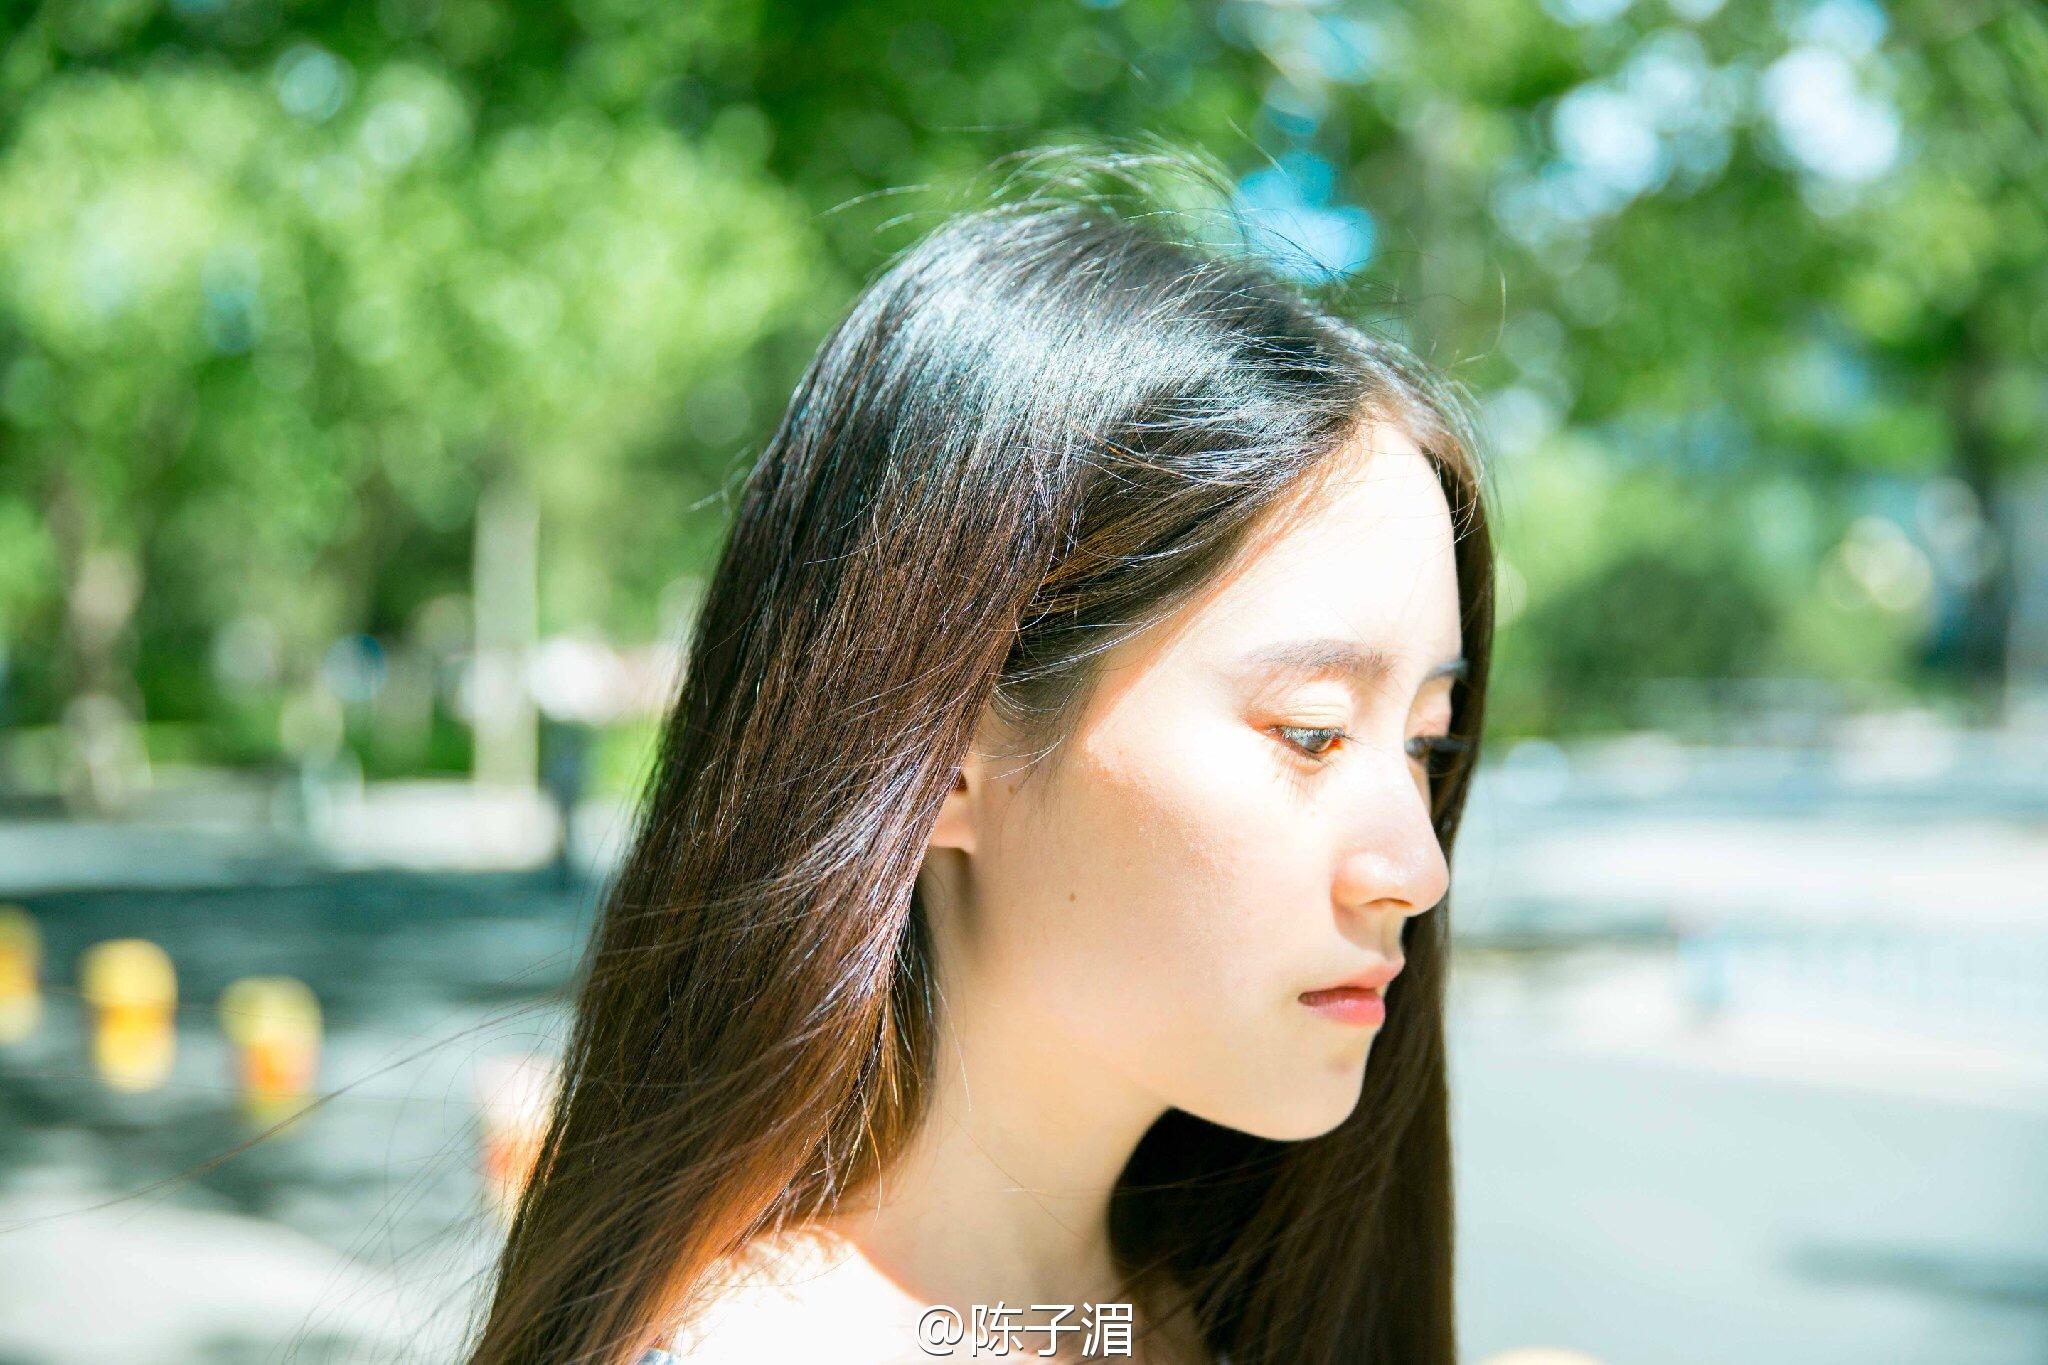 中国漂亮美女的名字或者发点图片